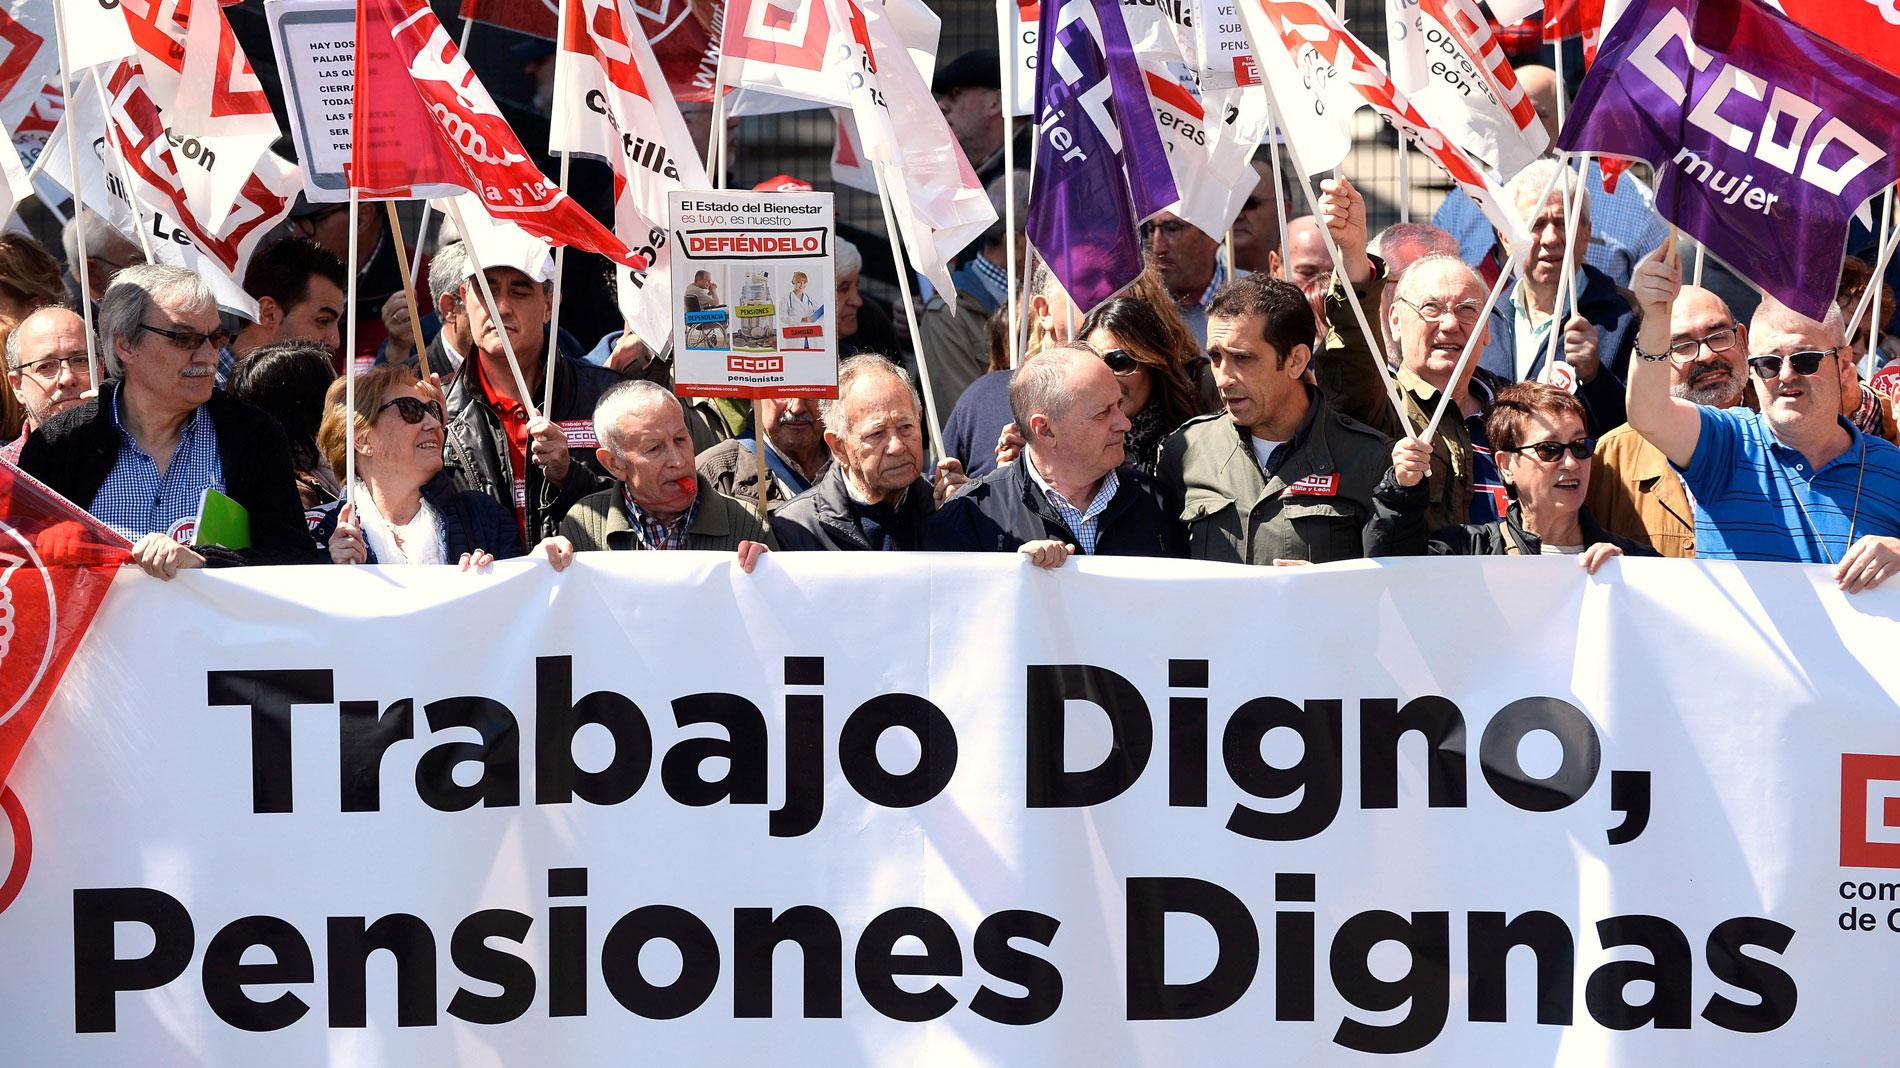 Los pensionistas vuelven a manifestarse para que se derogue la última reforma de 2013